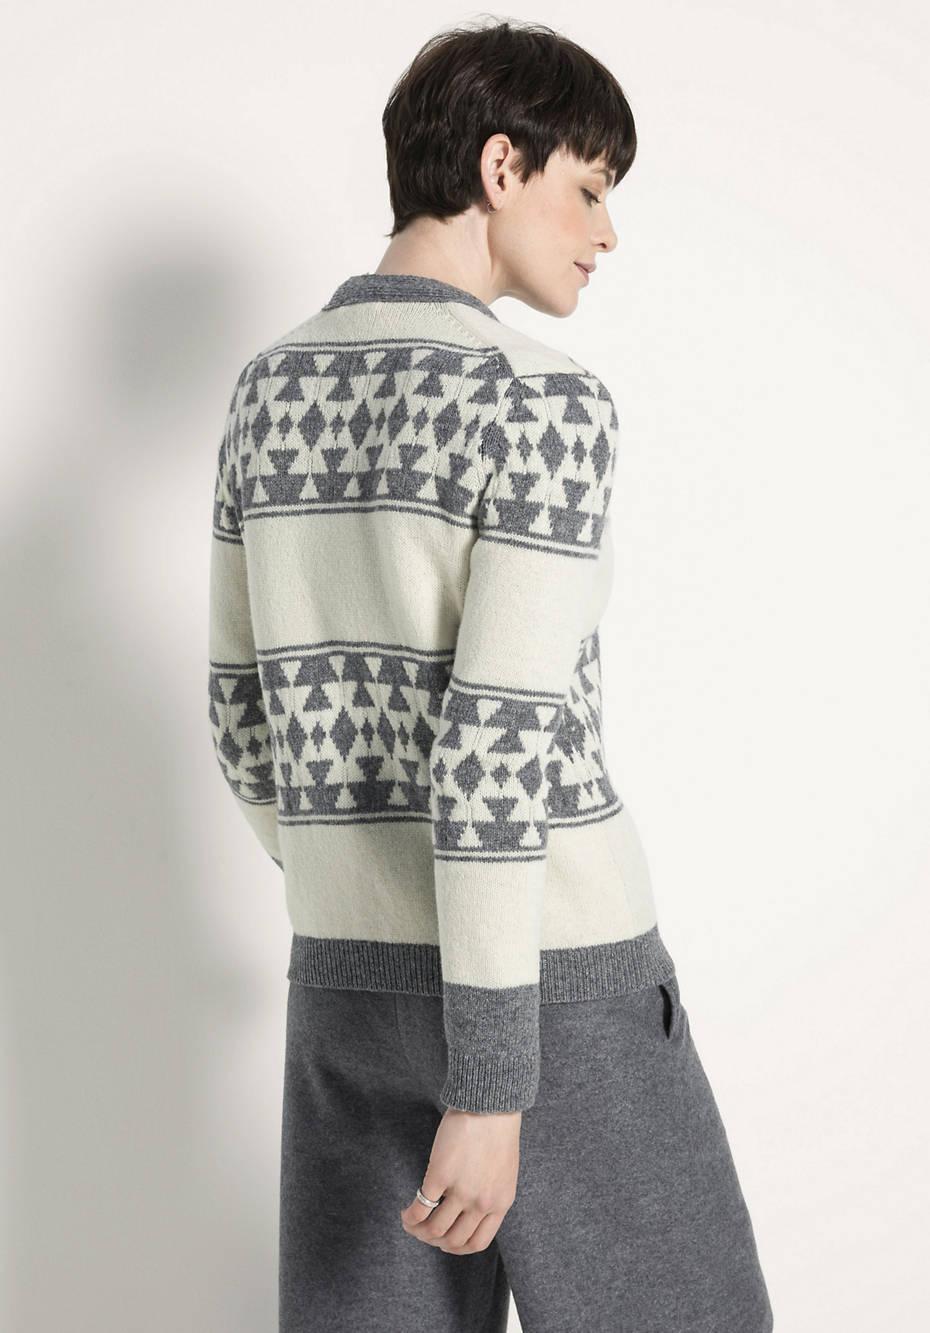 Jacquard-Strickjacke aus reiner Schurwolle